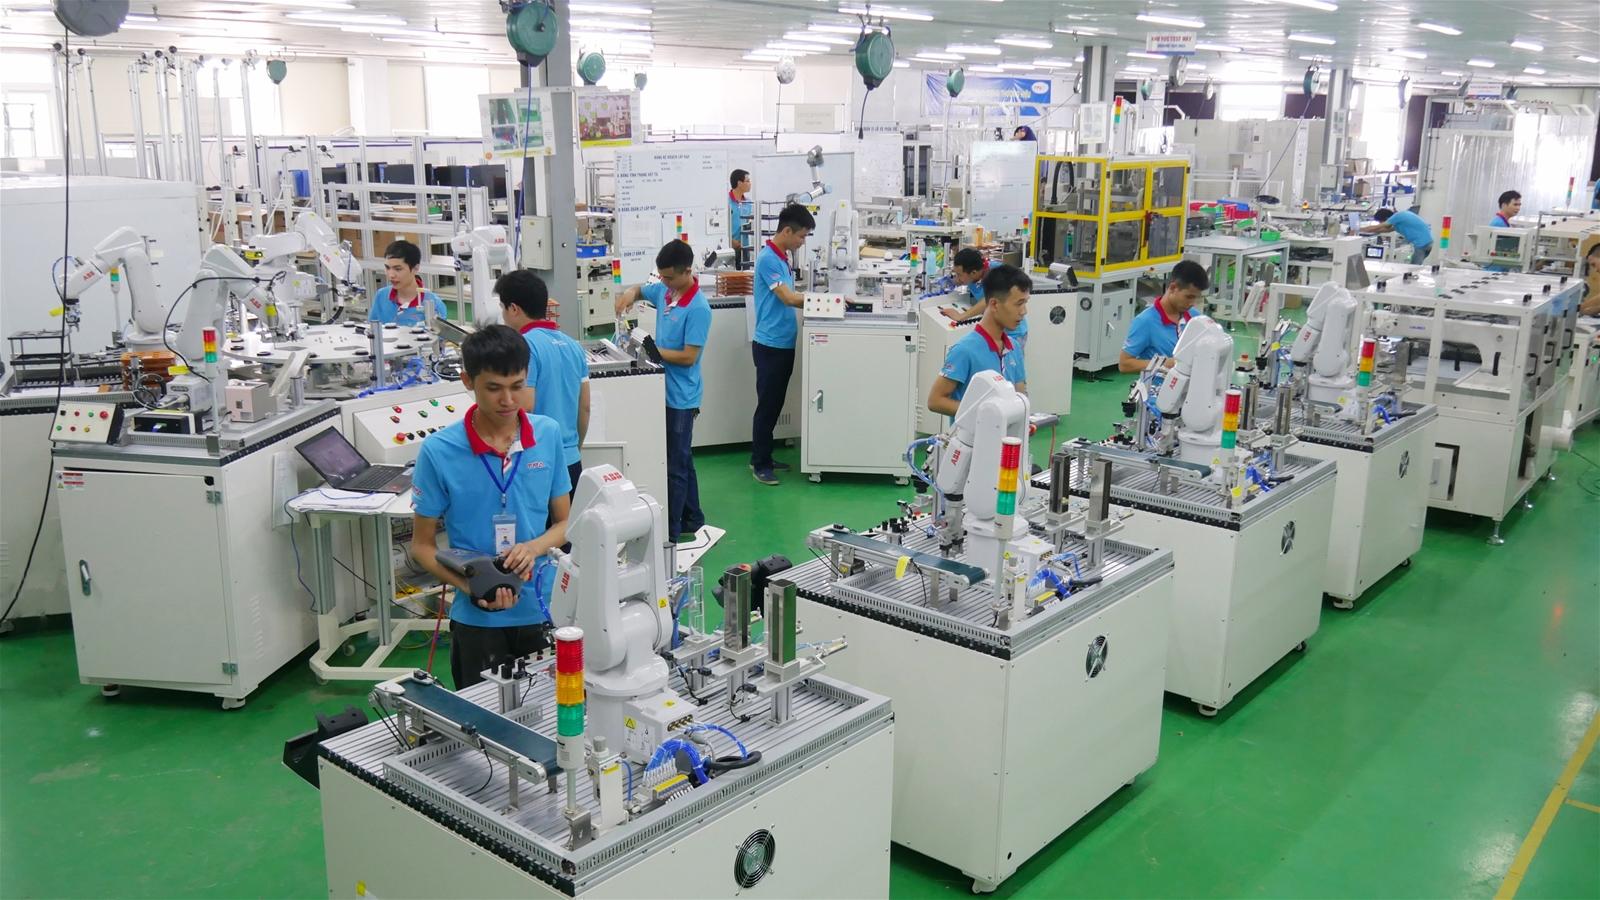 Khu vực sản xuất các sản phẩm công nghiệp của TPA